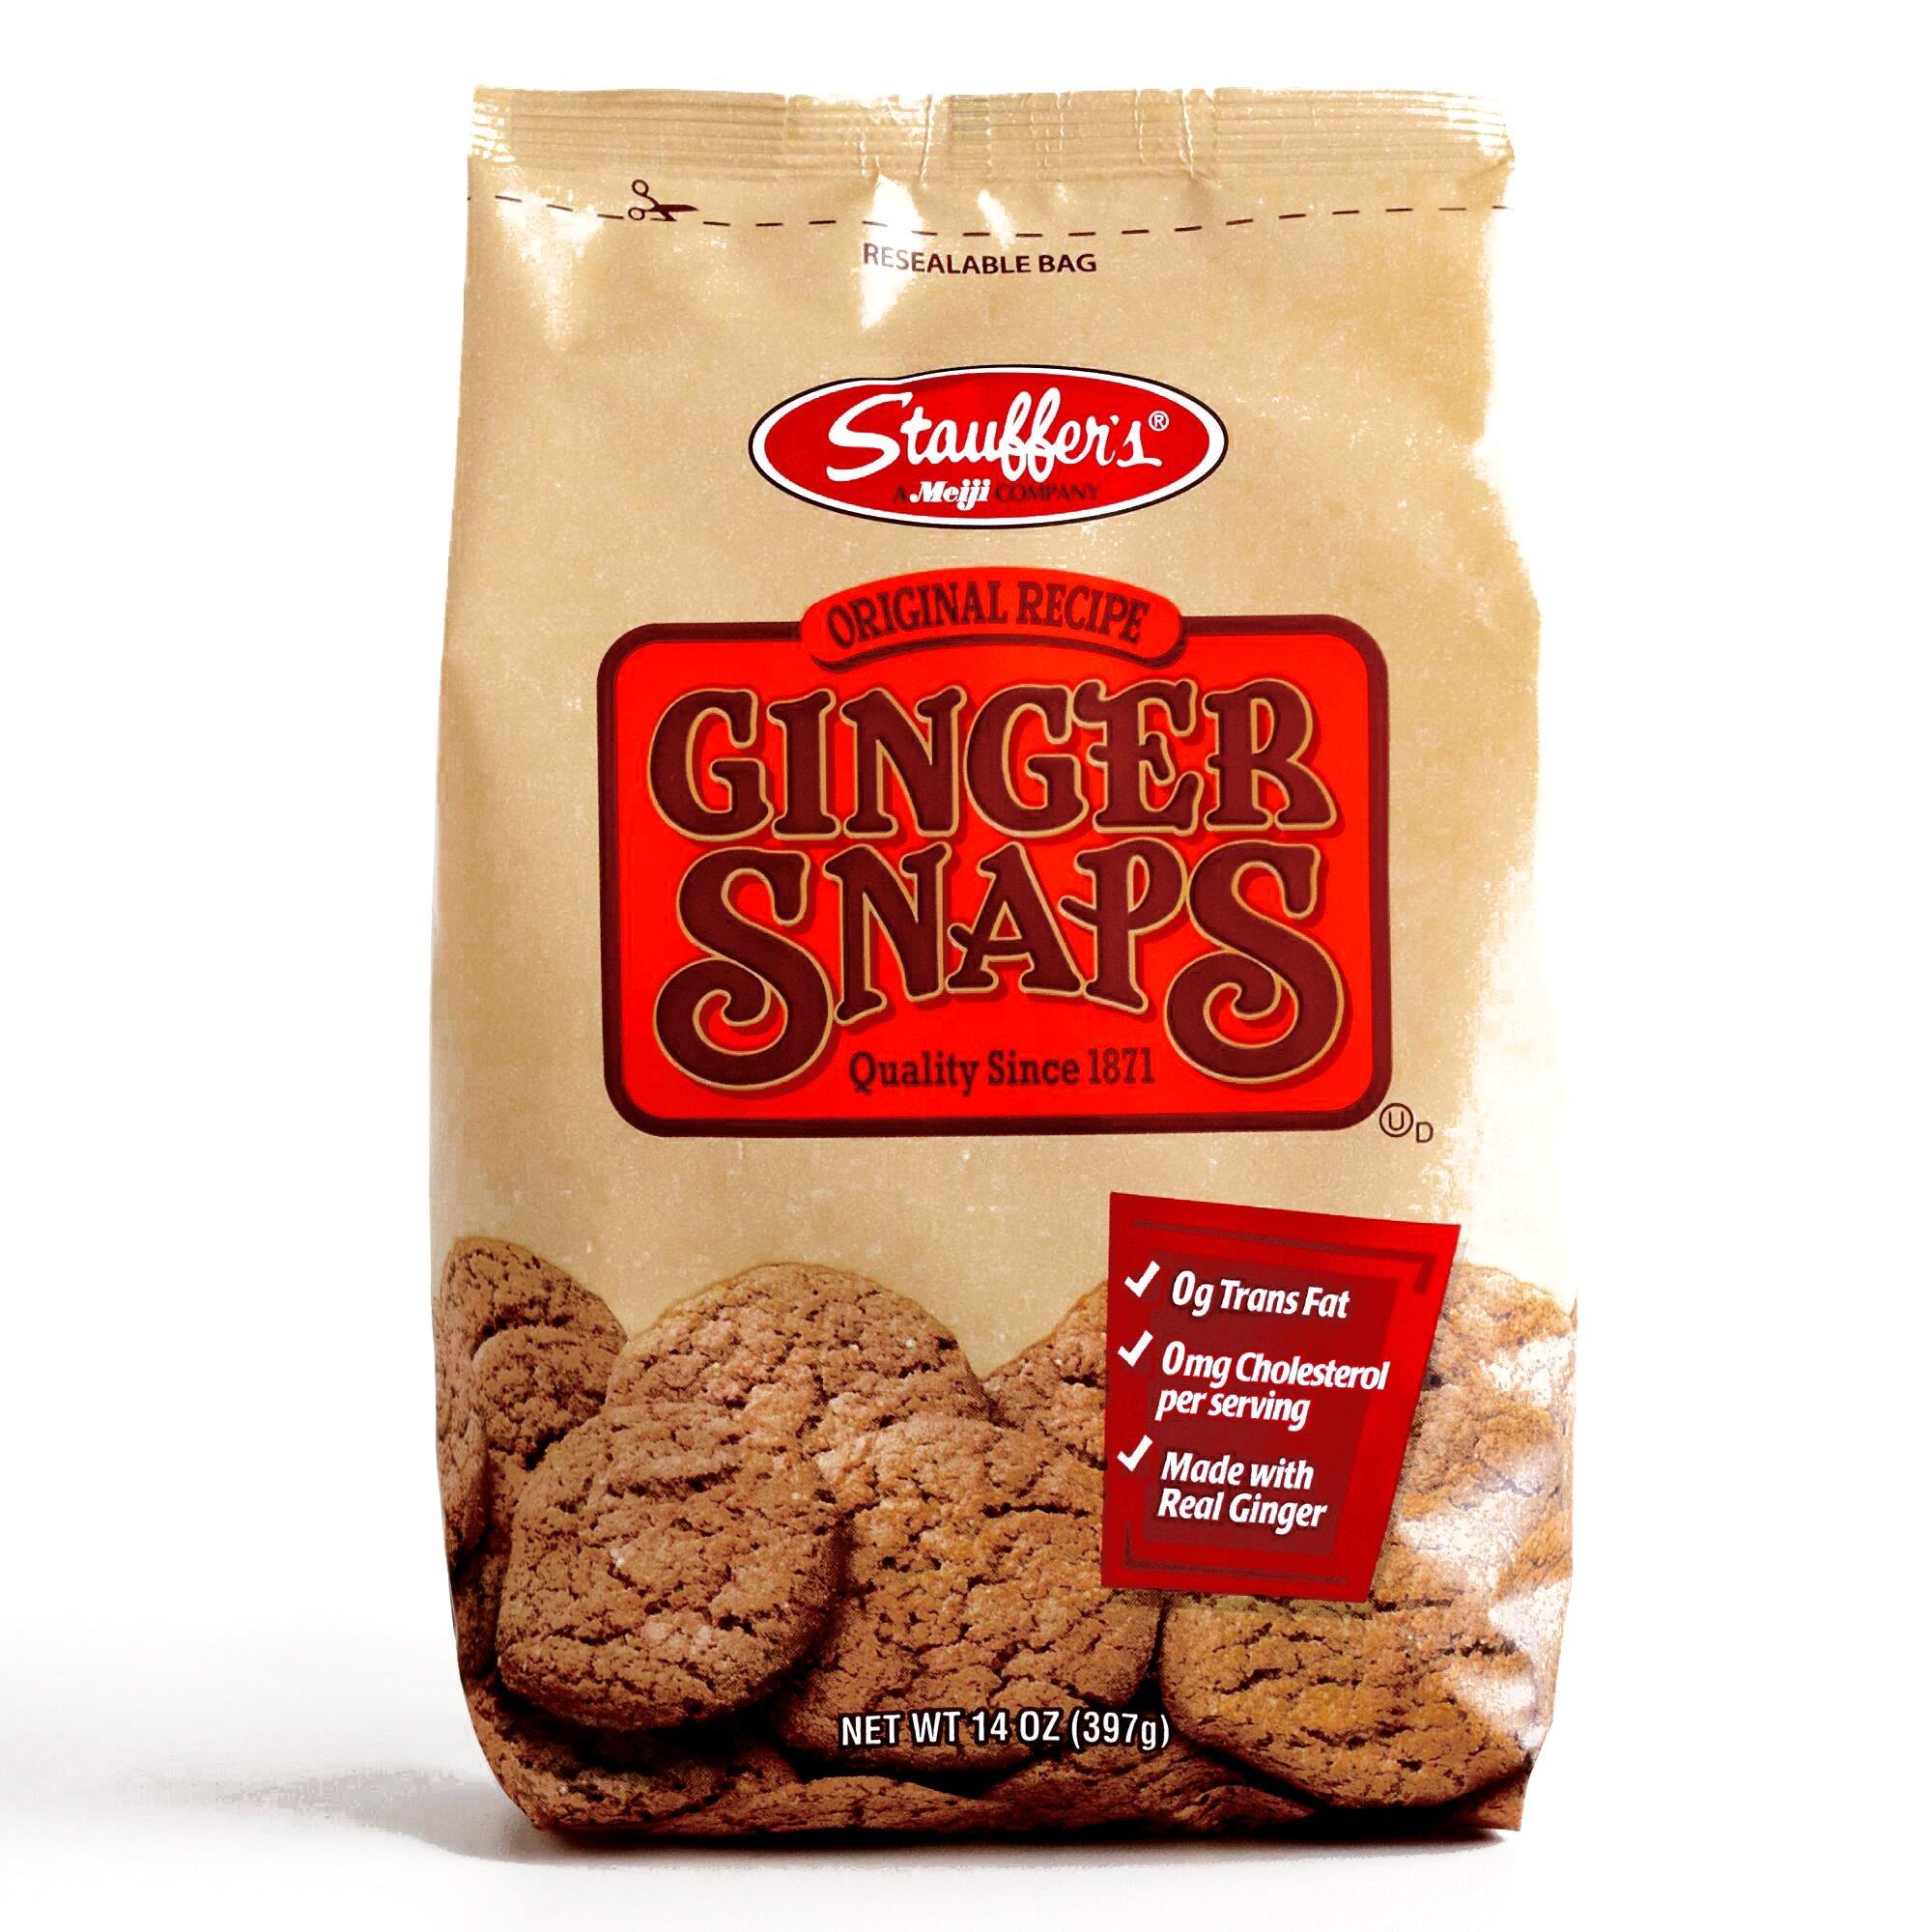 Stauffer's Ginger Snaps 14 oz each (3 Items Per Order)